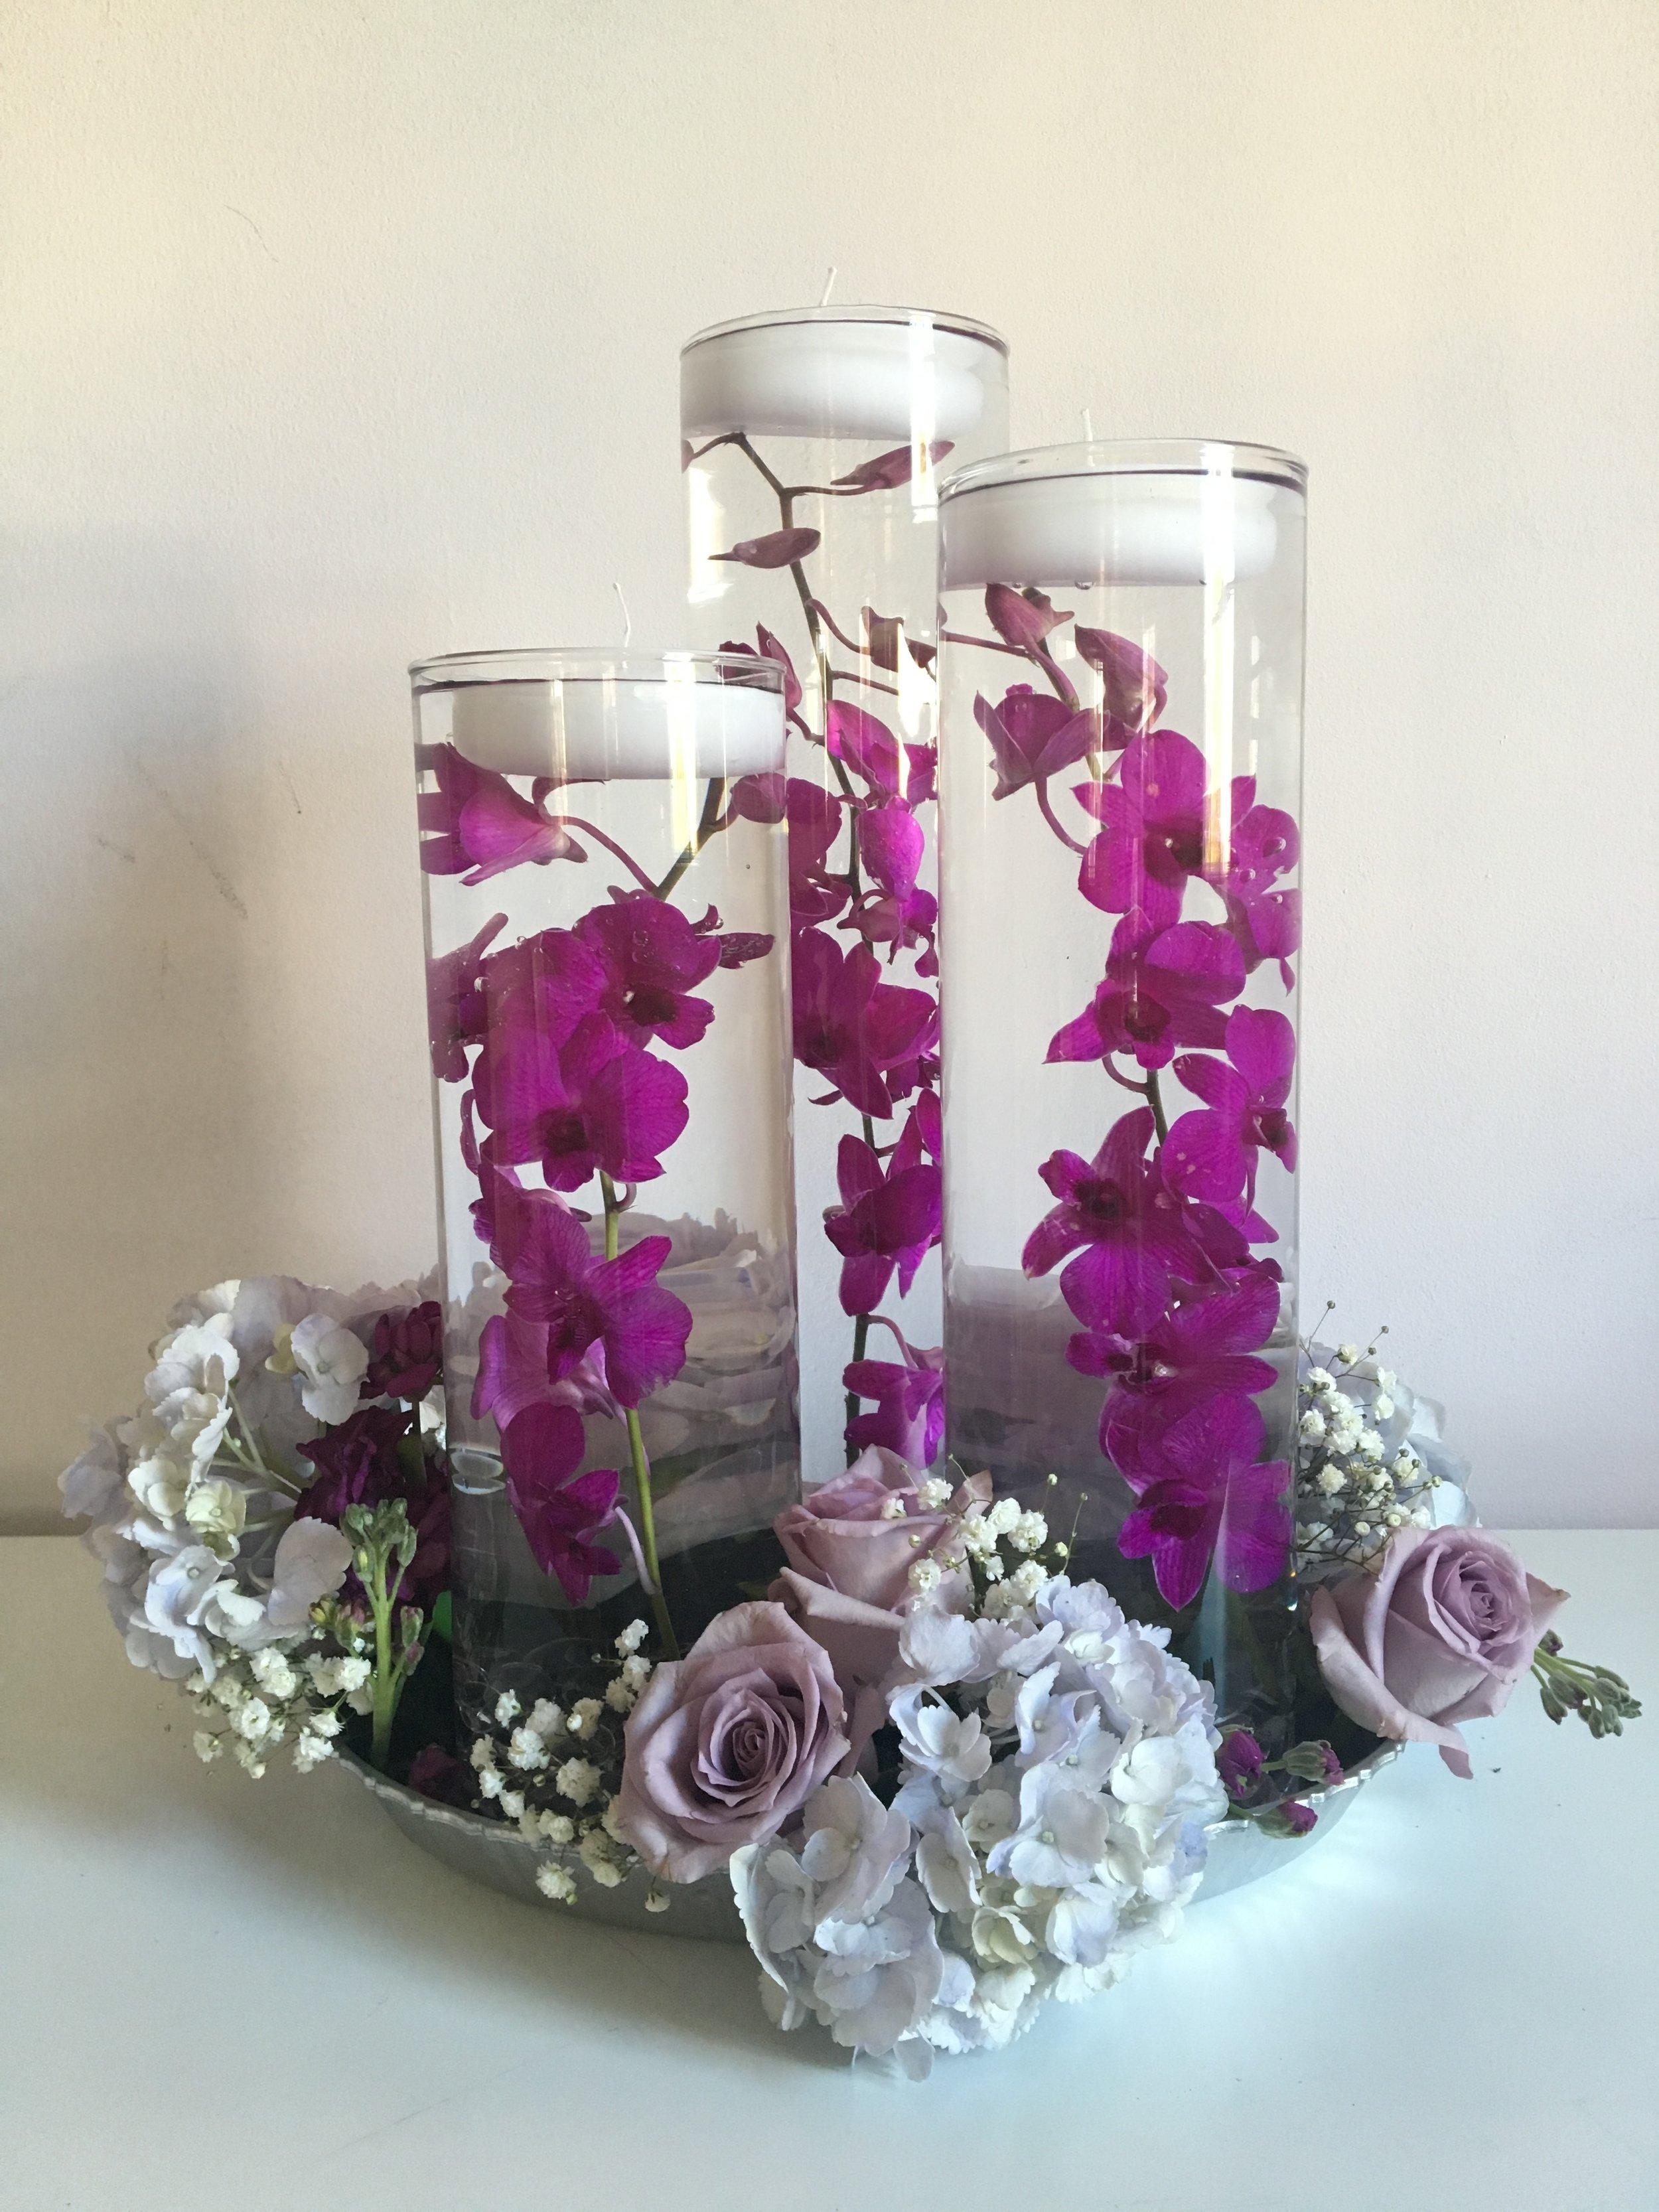 Evelisa Floral & Design: Floating candle arrangement